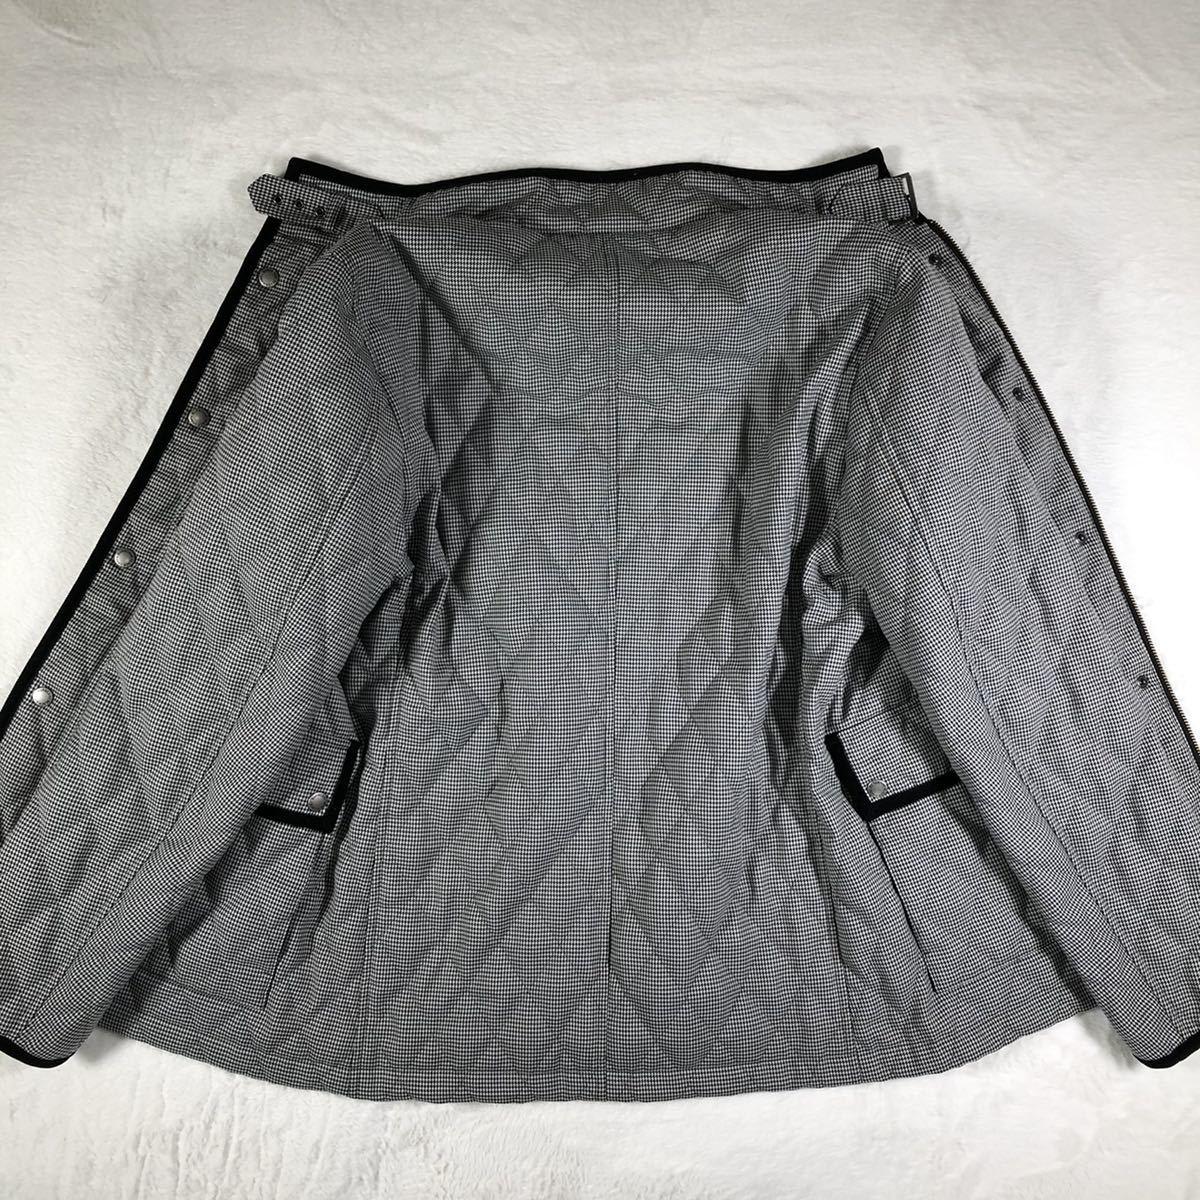 【ほぼ新品・極希少】バーバリーブラックレーベル キルティングジャケット 千鳥格子 Lサイズ BURBERRY BLACK LABEL アウター ブルゾン_画像10